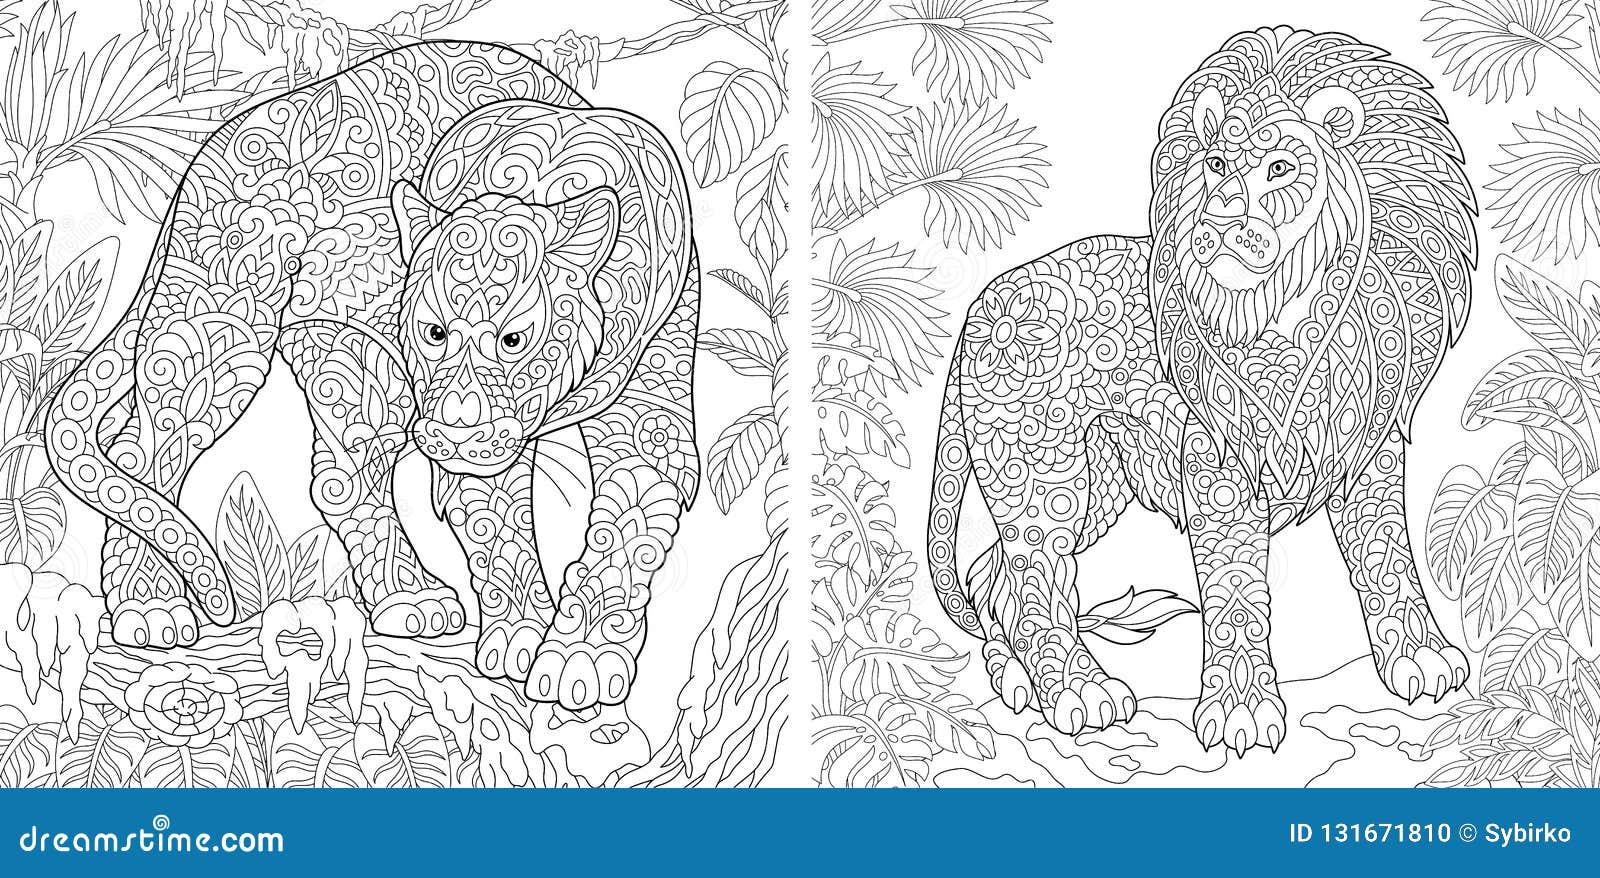 着色页 成人的彩图 与豹和狮子的上色图片 与乱画的Antistress徒手画的略图